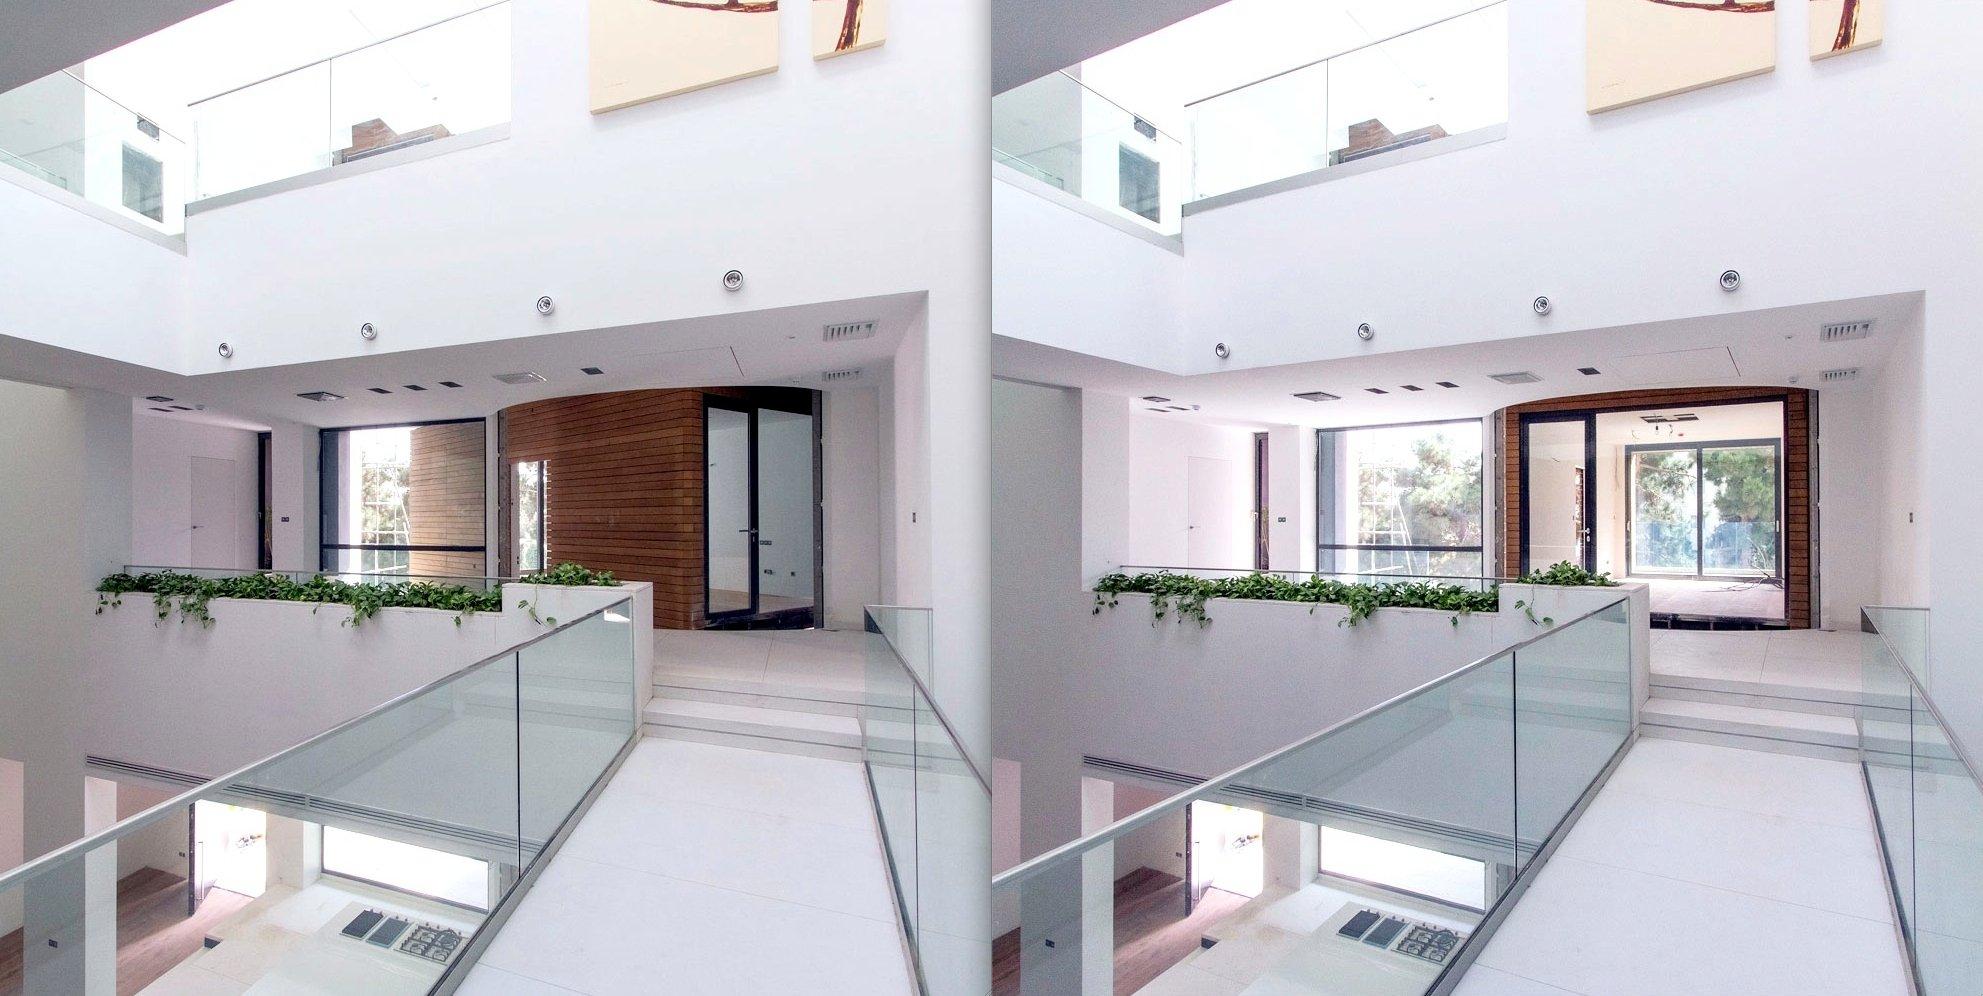 Blick aus dem Haus auf eine der Boxen: Links im Bild ist der Raum noch fast geschlossen, rechts ist die Box gedreht und fängt das Sonnenlicht ein.